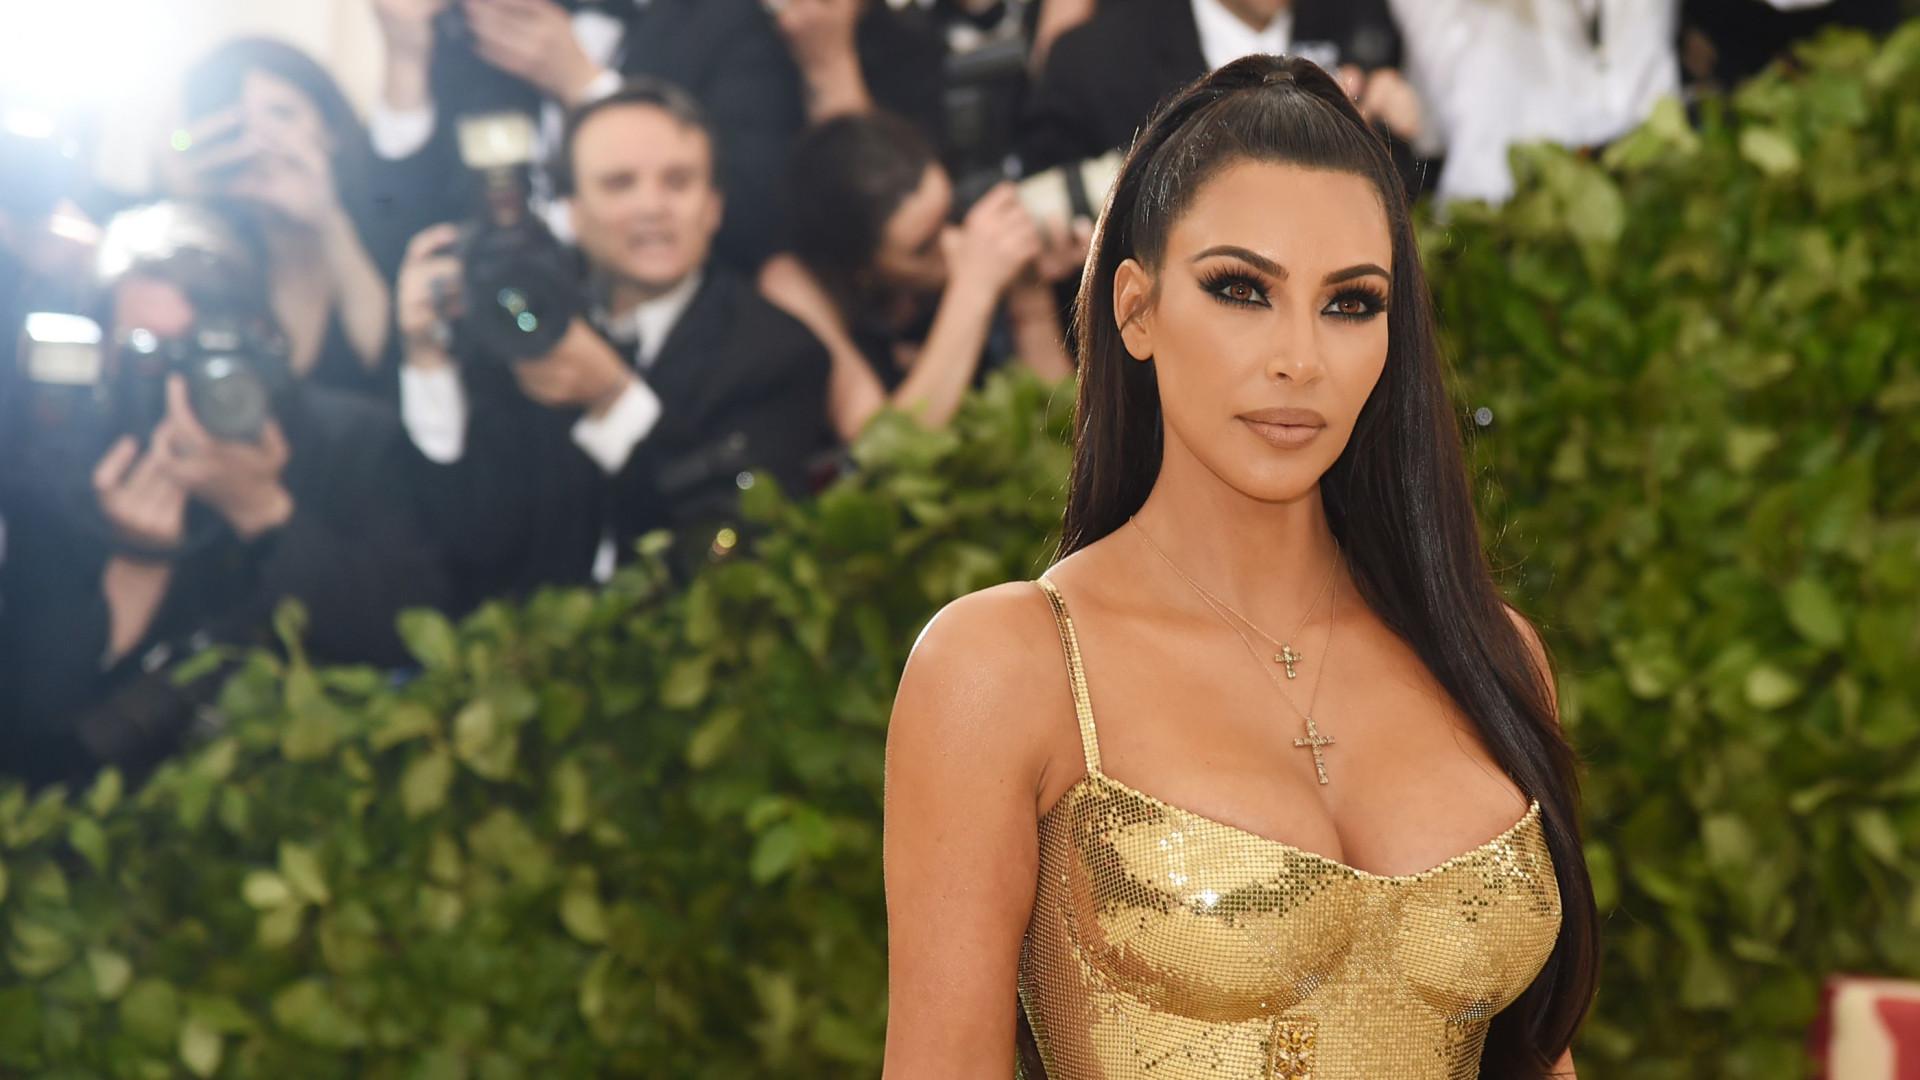 """""""Triste e surreal"""": Fãs criticam novos emojis de Kim Kardashian"""